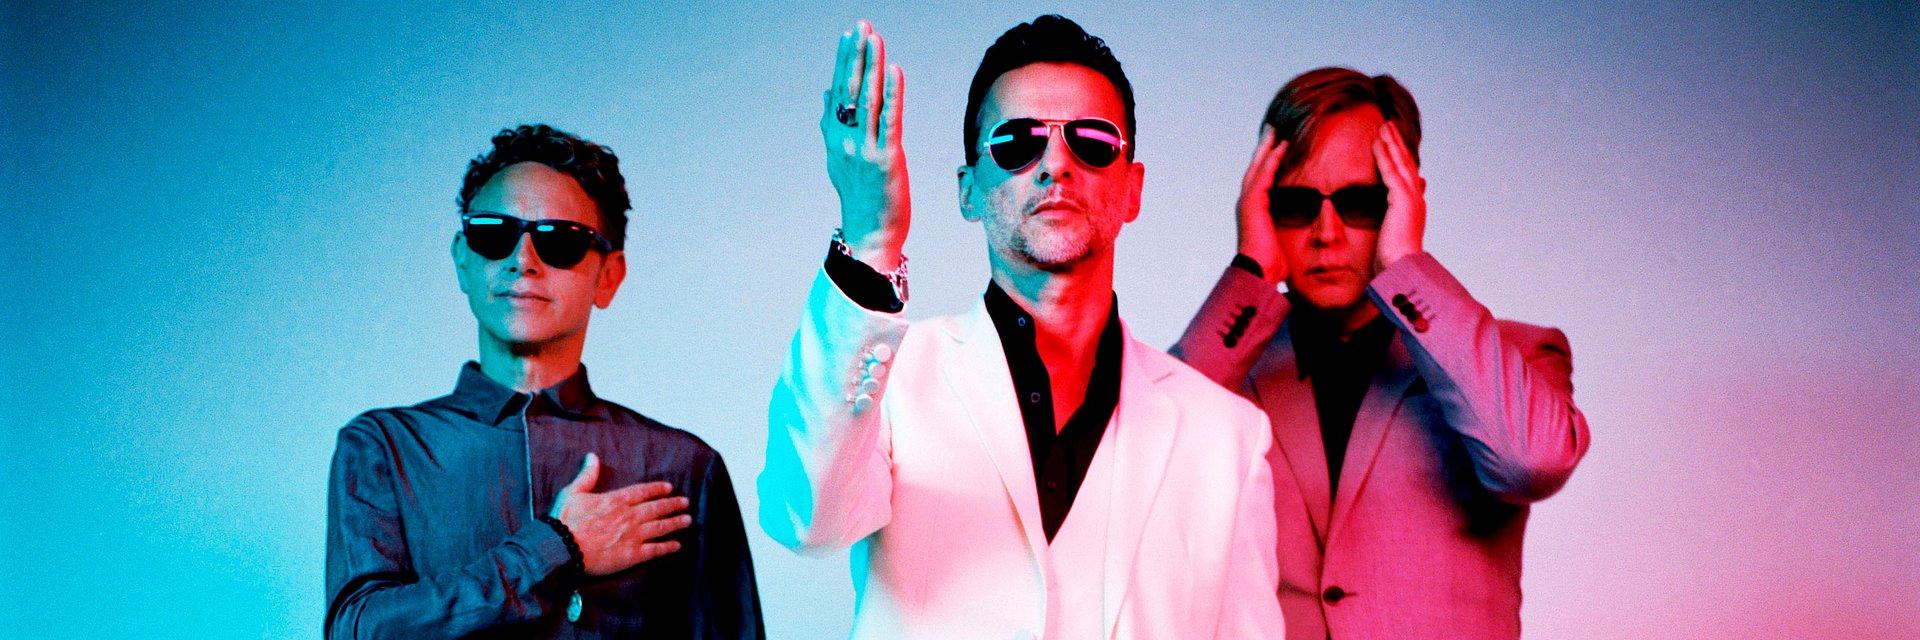 Violator - kolejny tytuł z serii winylowych boxów Depeche Mode